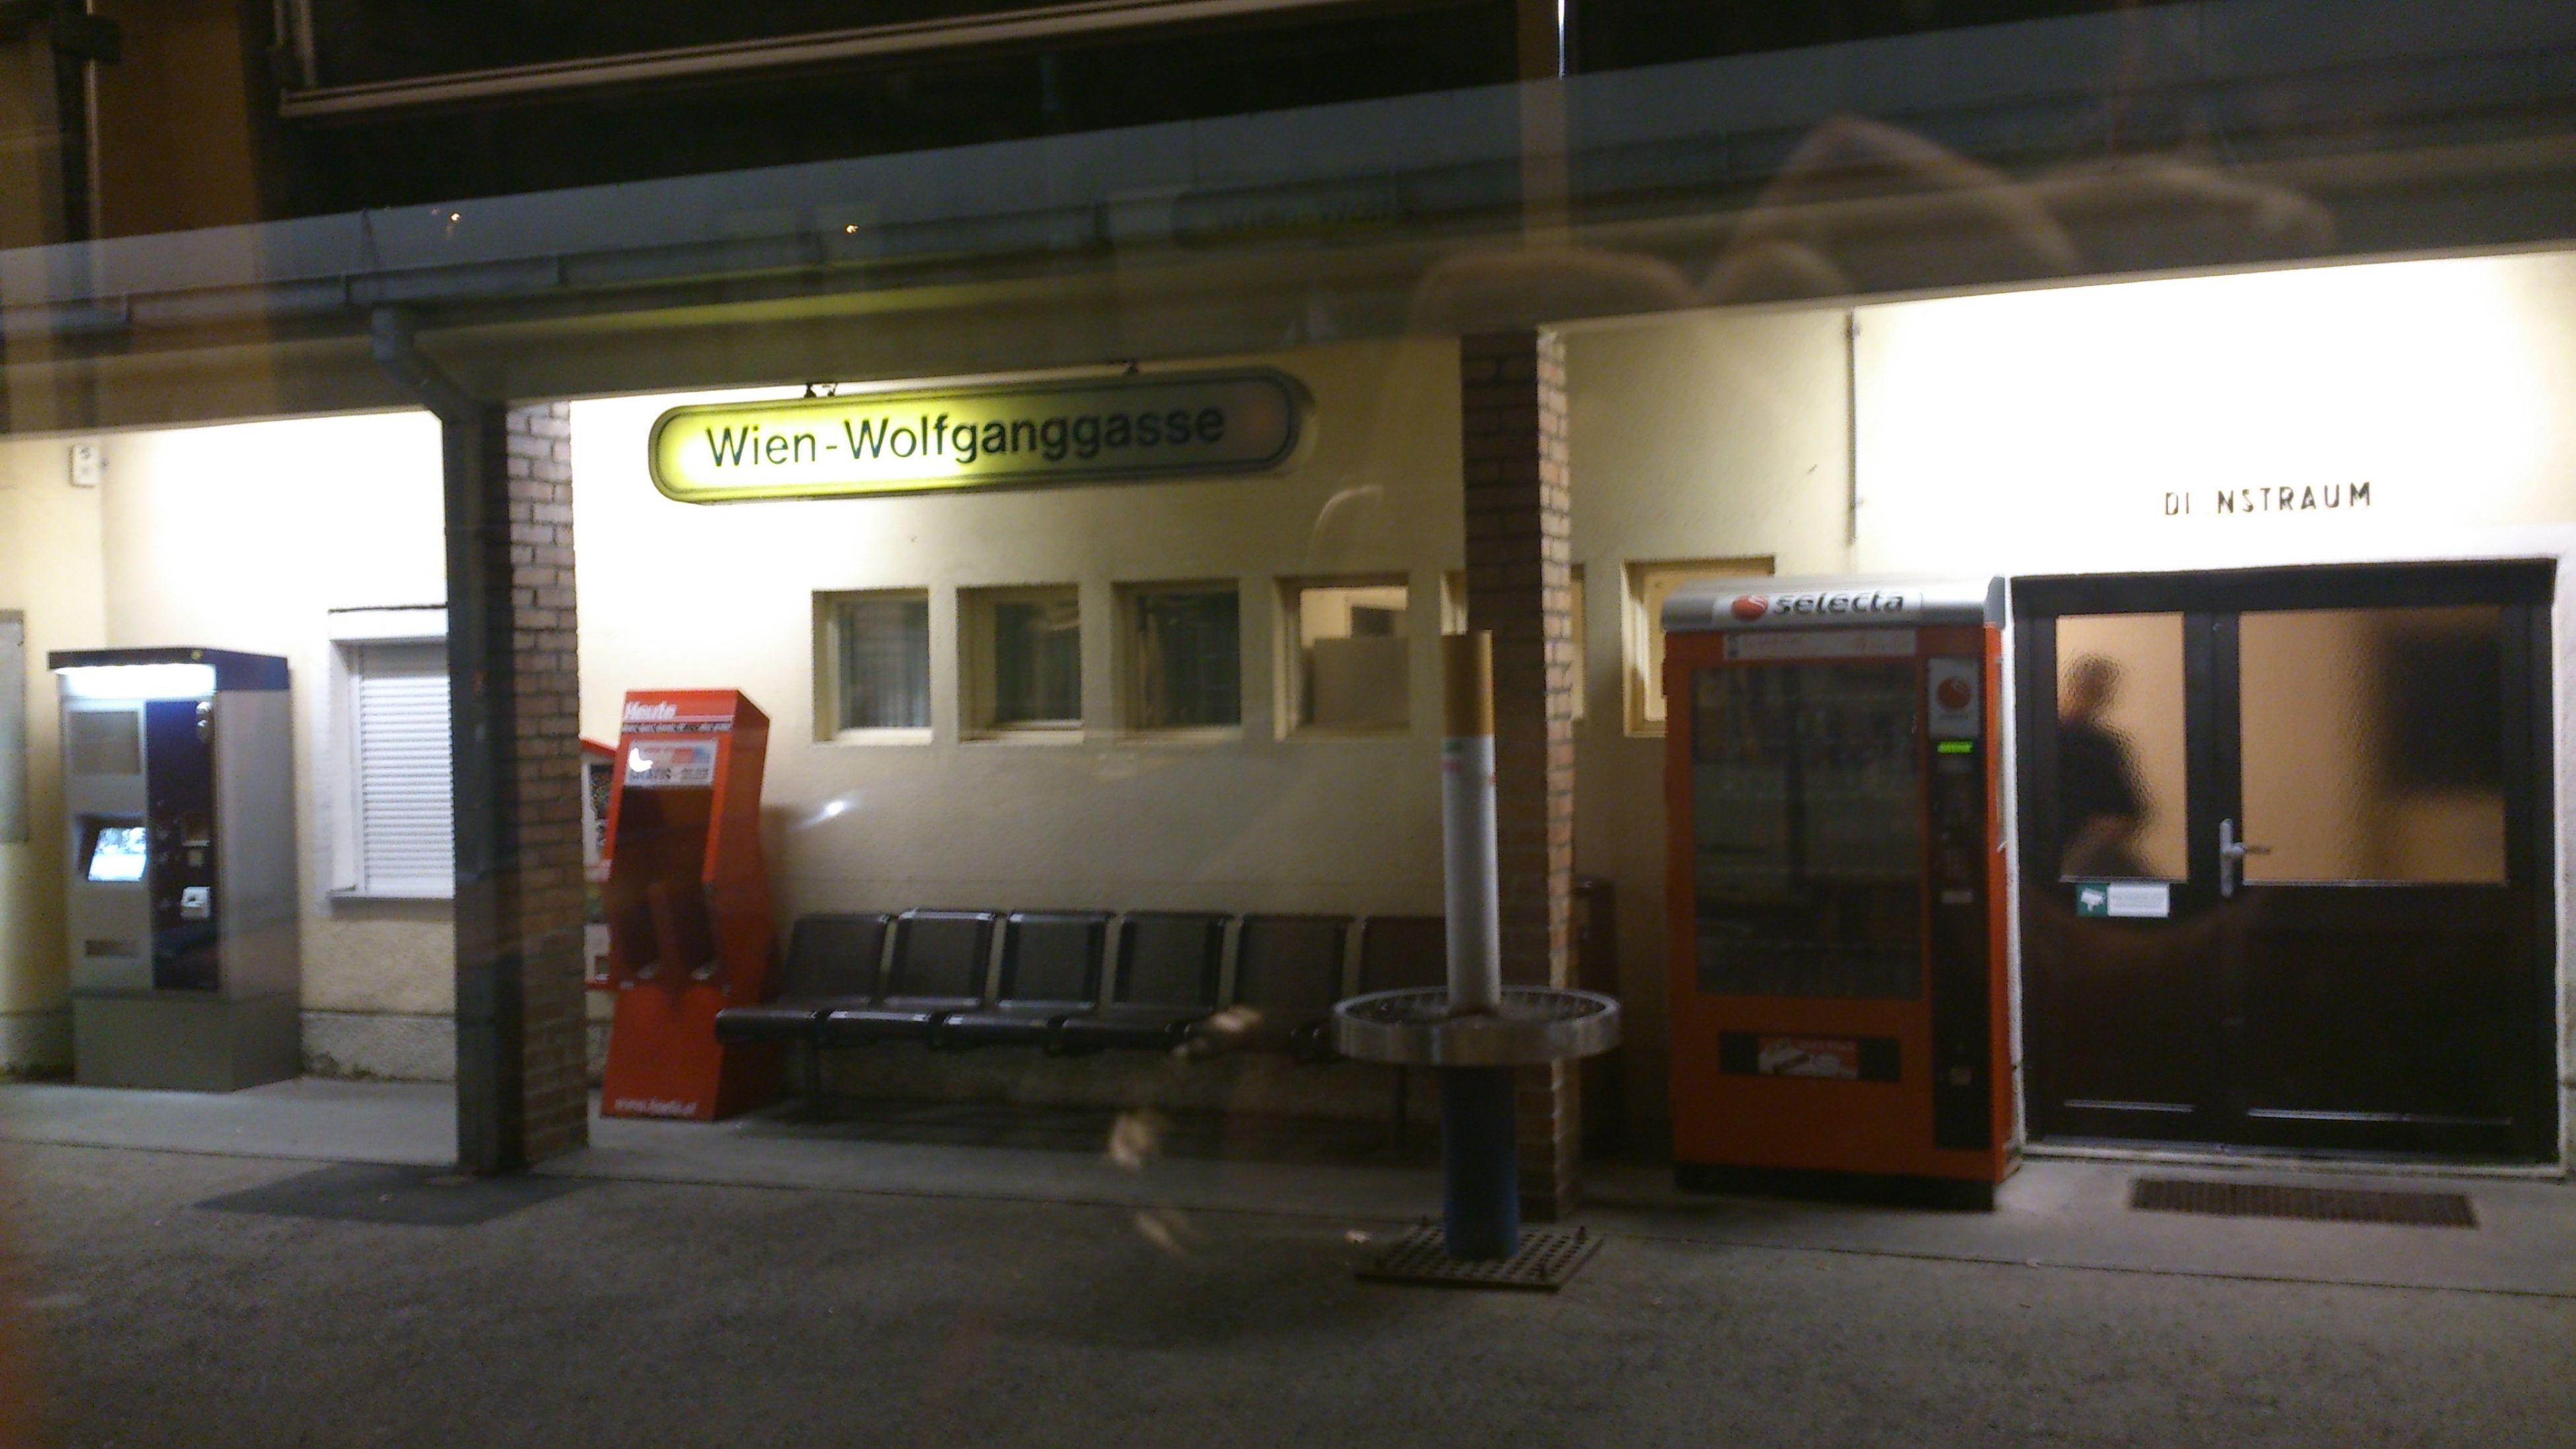 Haltestelle Wiener Lokalbahn Wien 2013 November 2013